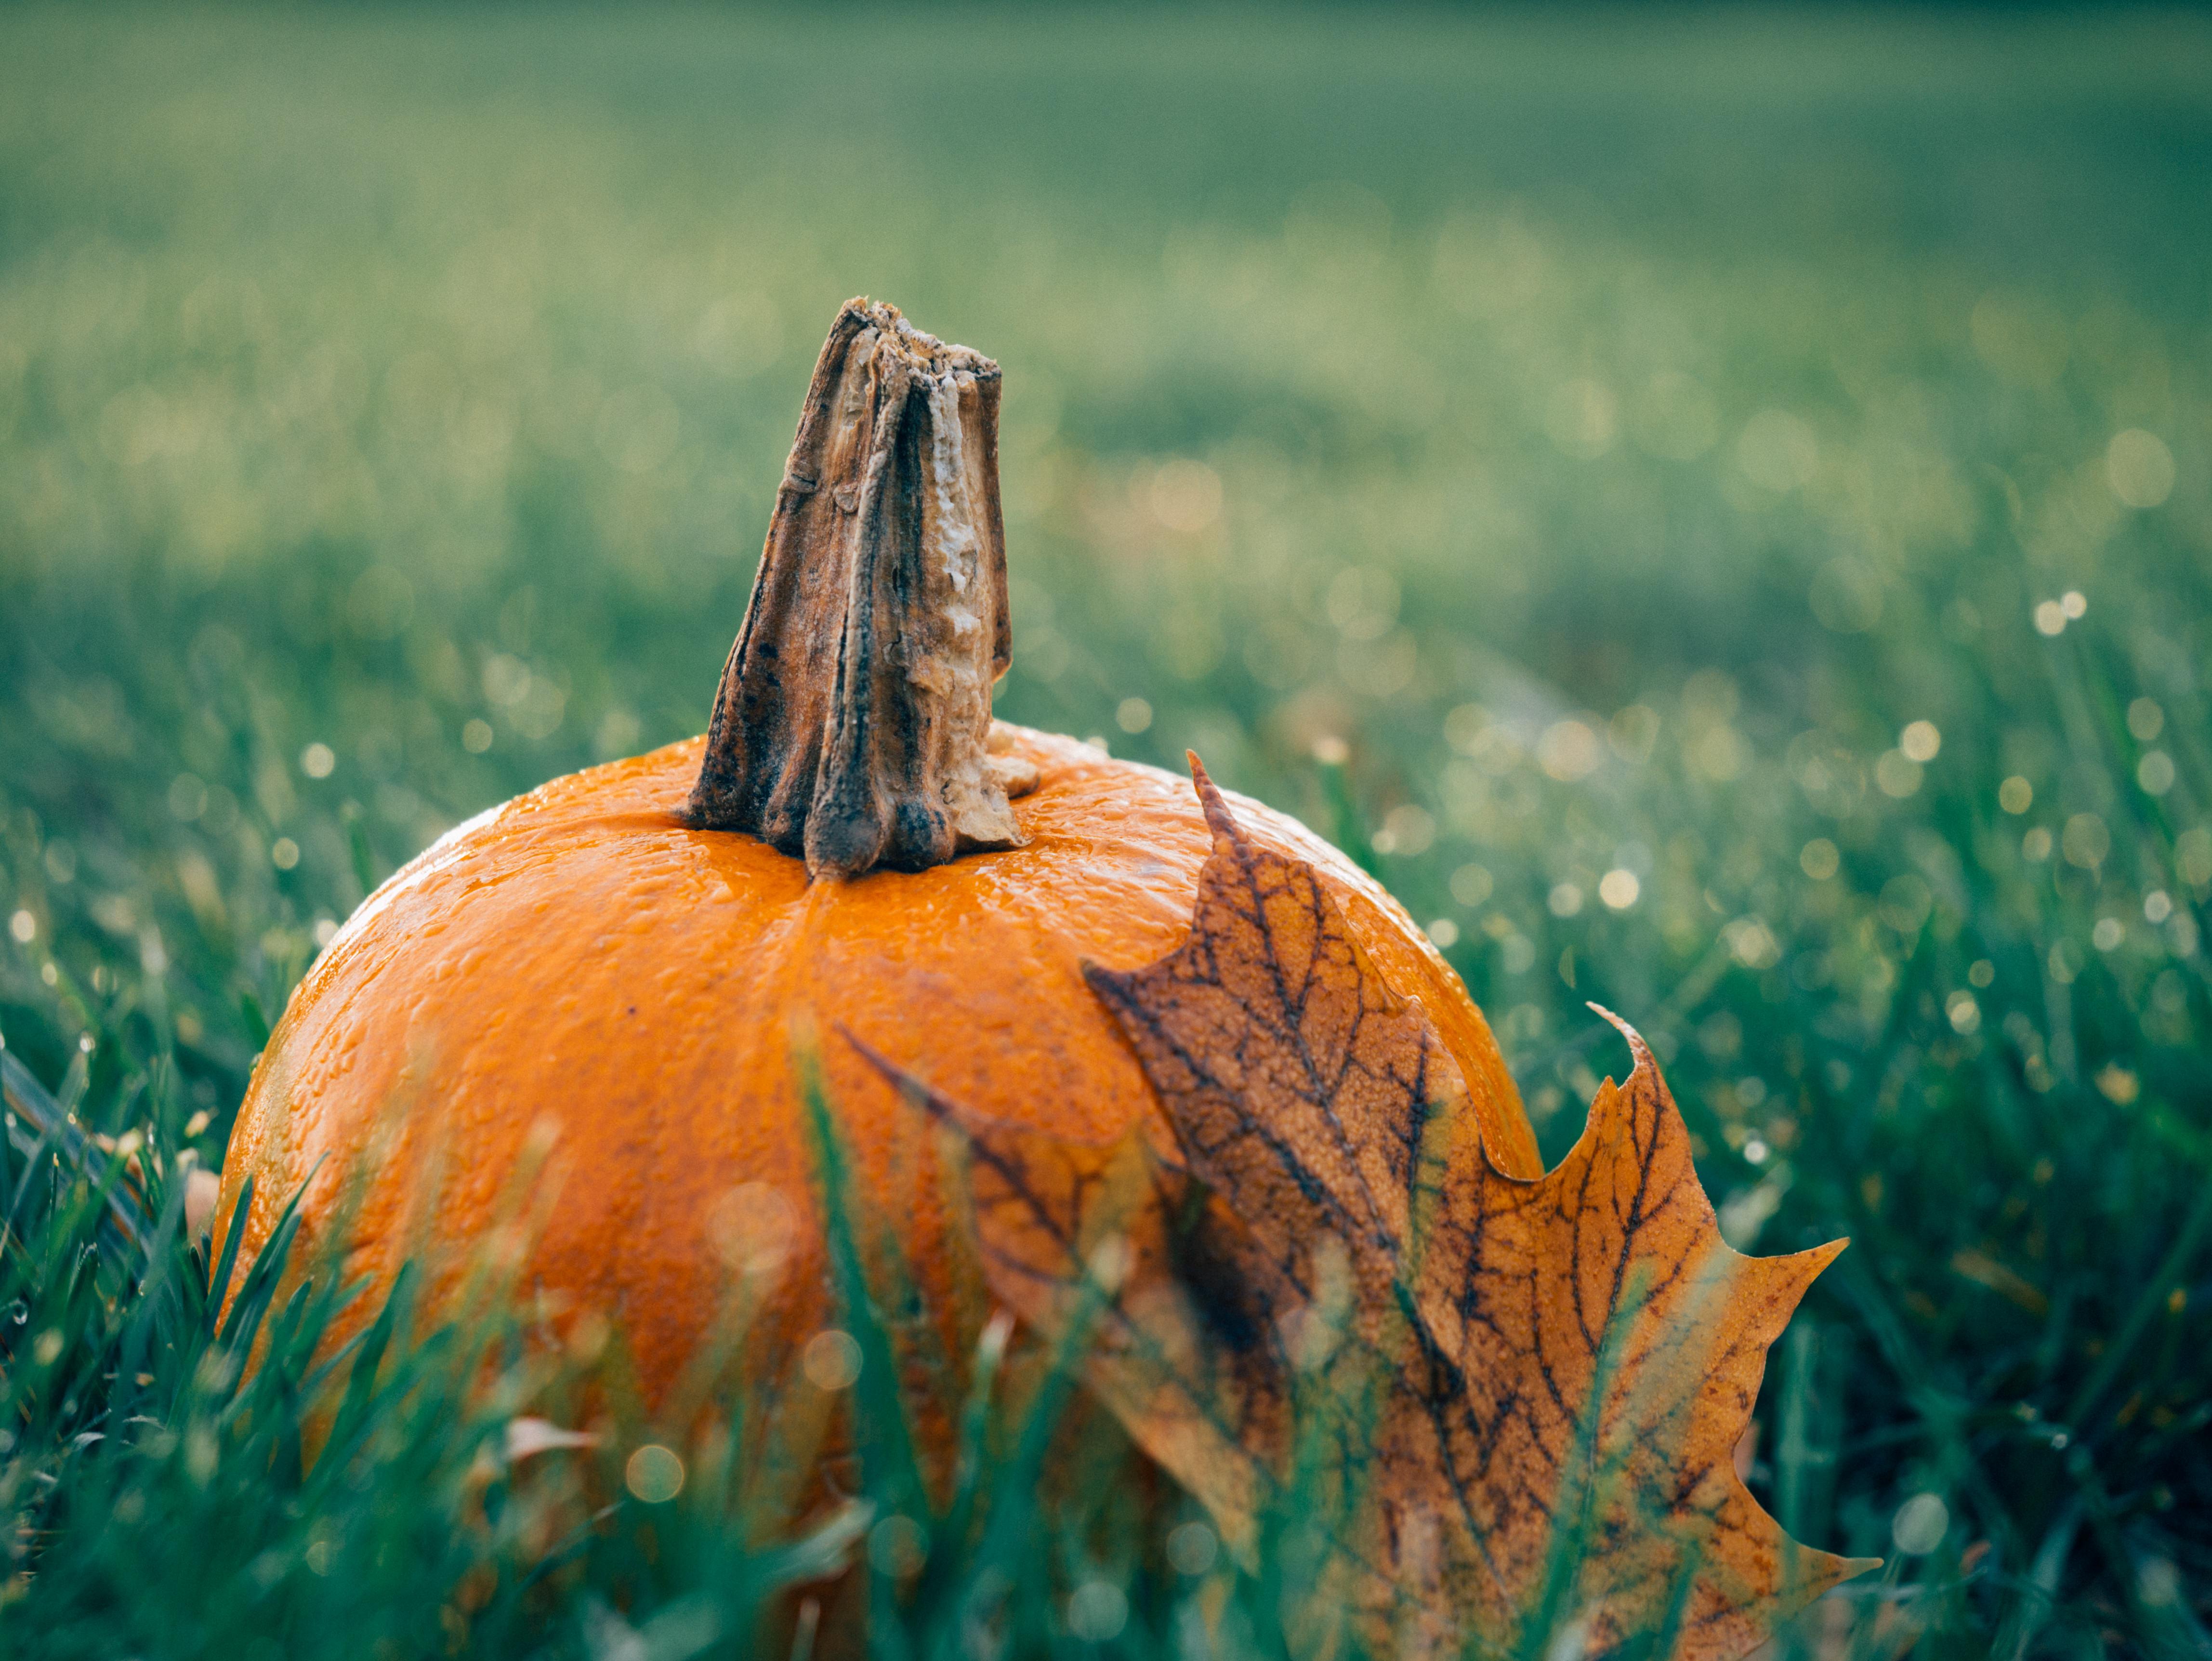 Not So Spooky Pumpkin Recipe Ideas